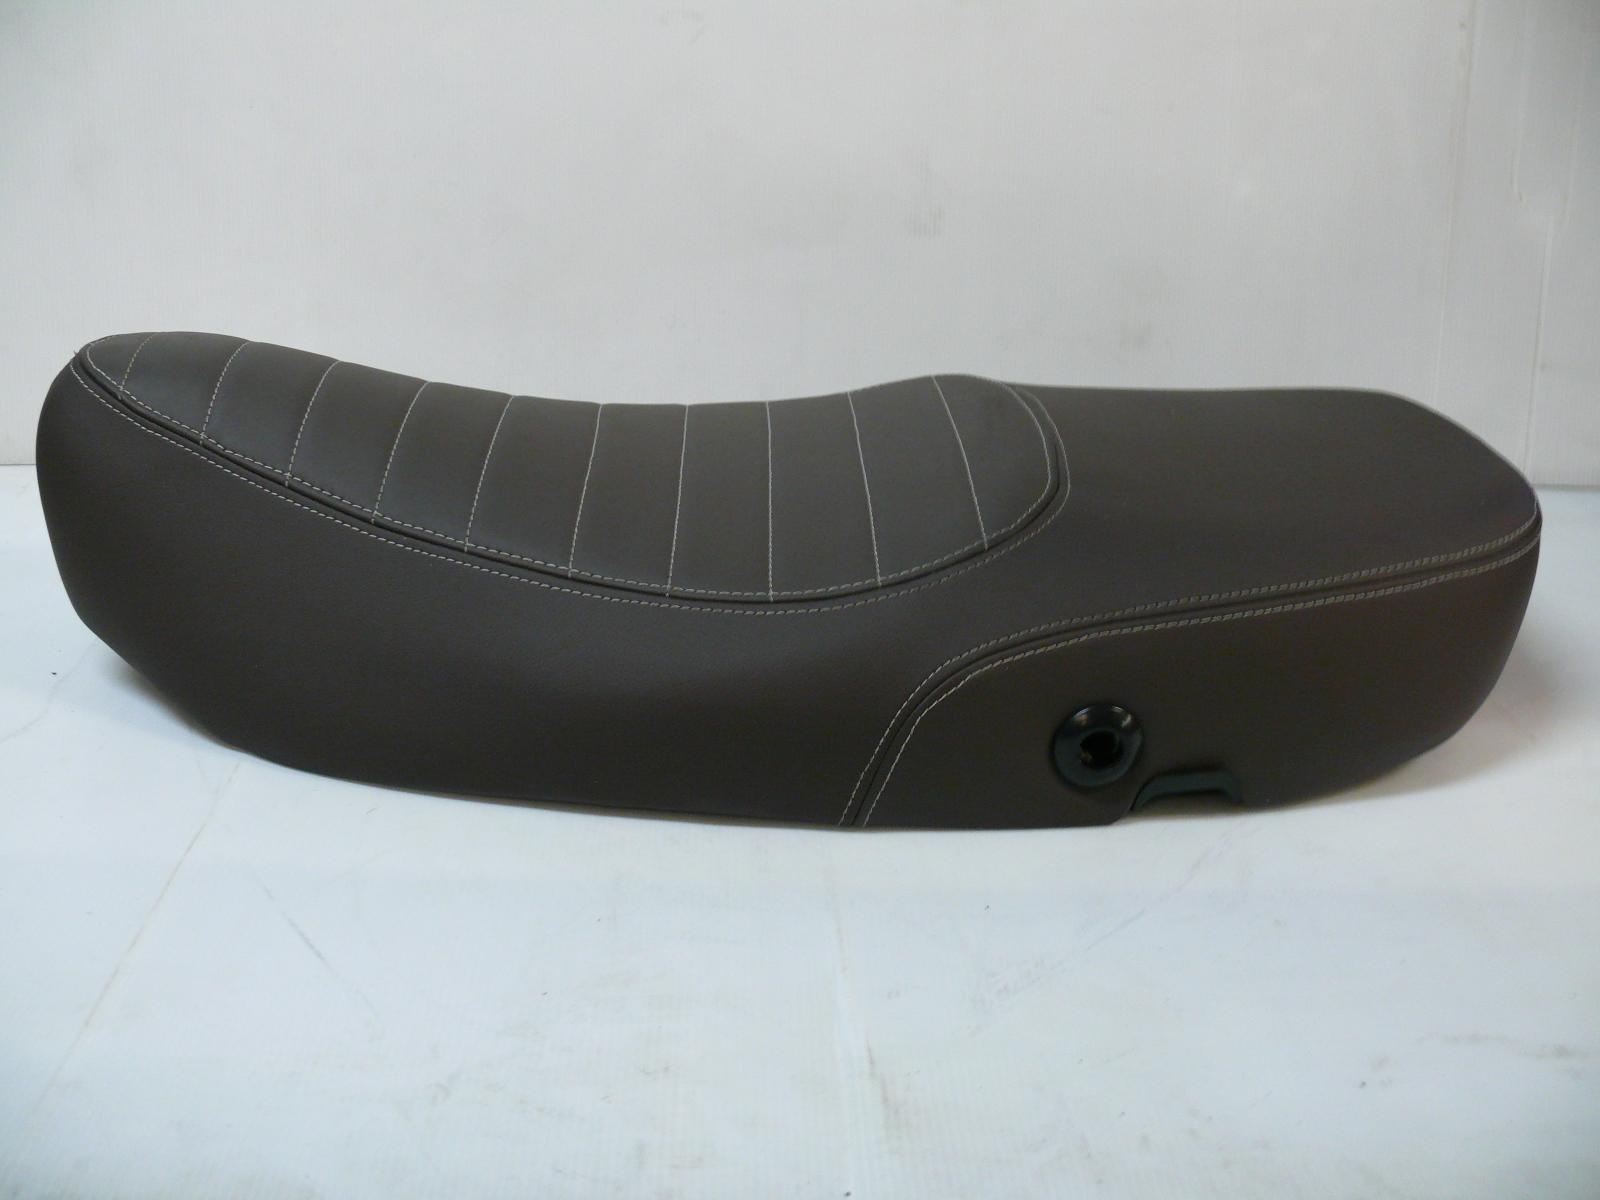 siedzisko siedzenie kanapa Vespa LX Touring 50 125